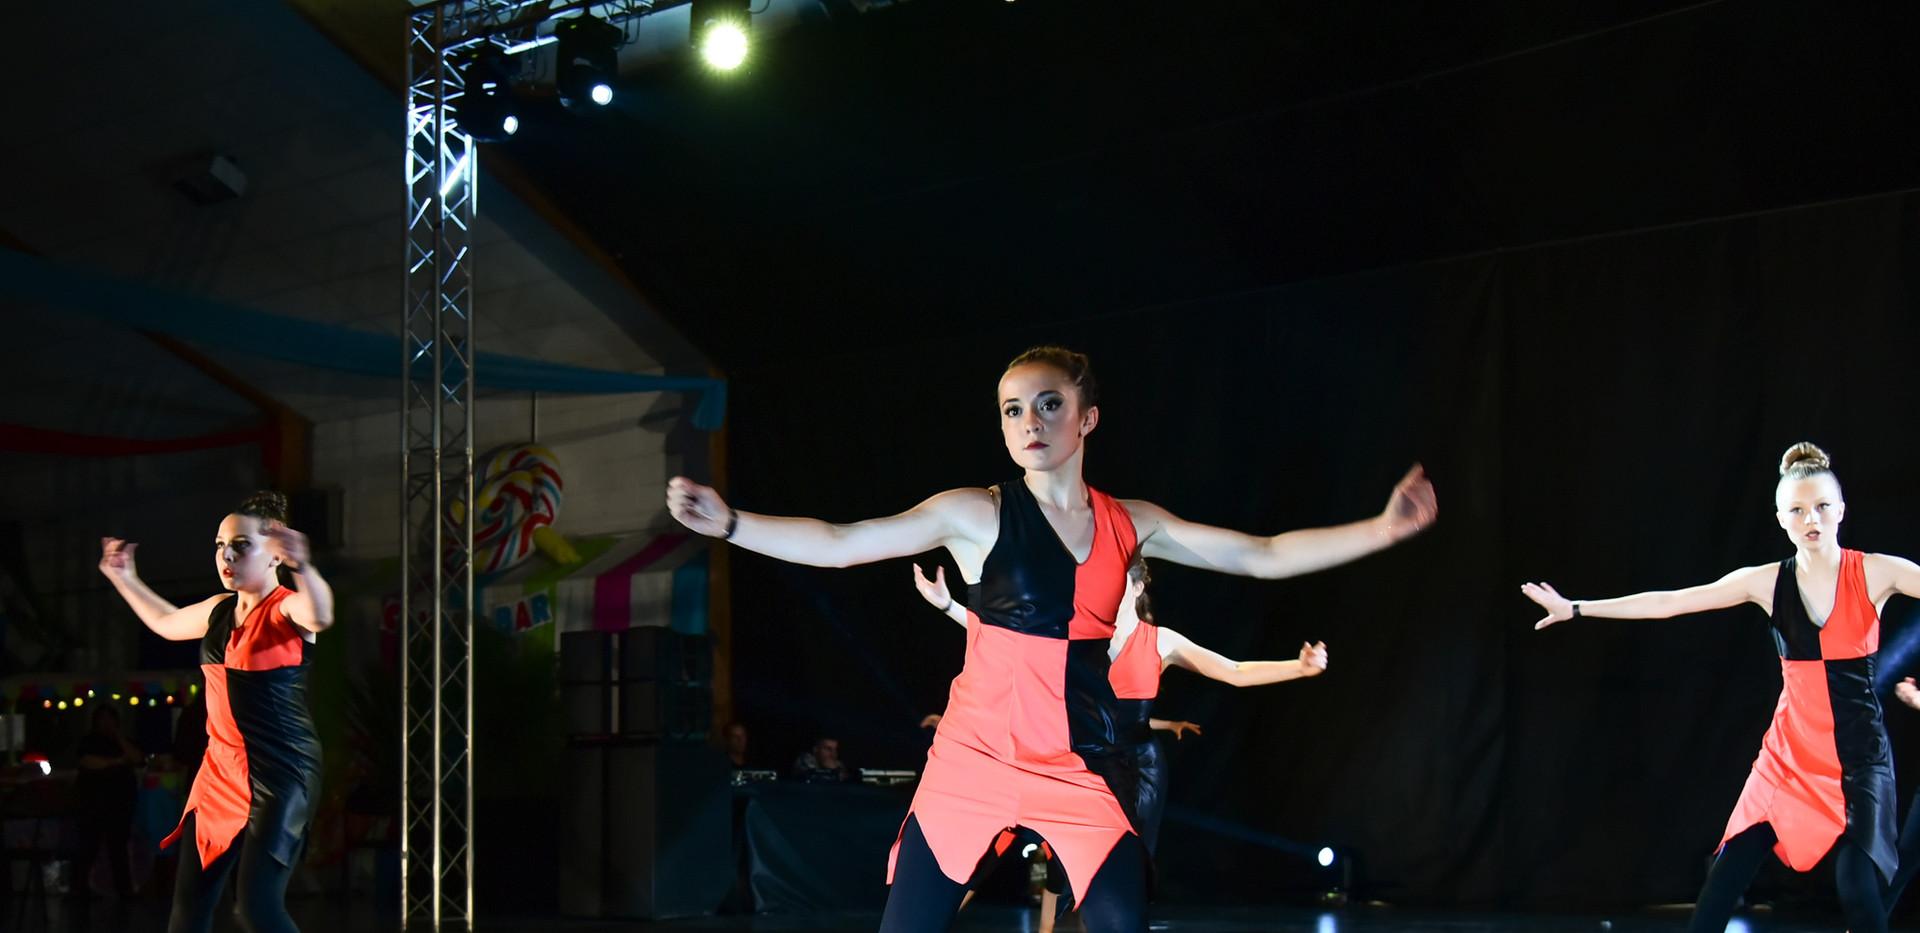 DANCE SHOW 19 - Little'Pop (47)_GF.jpg